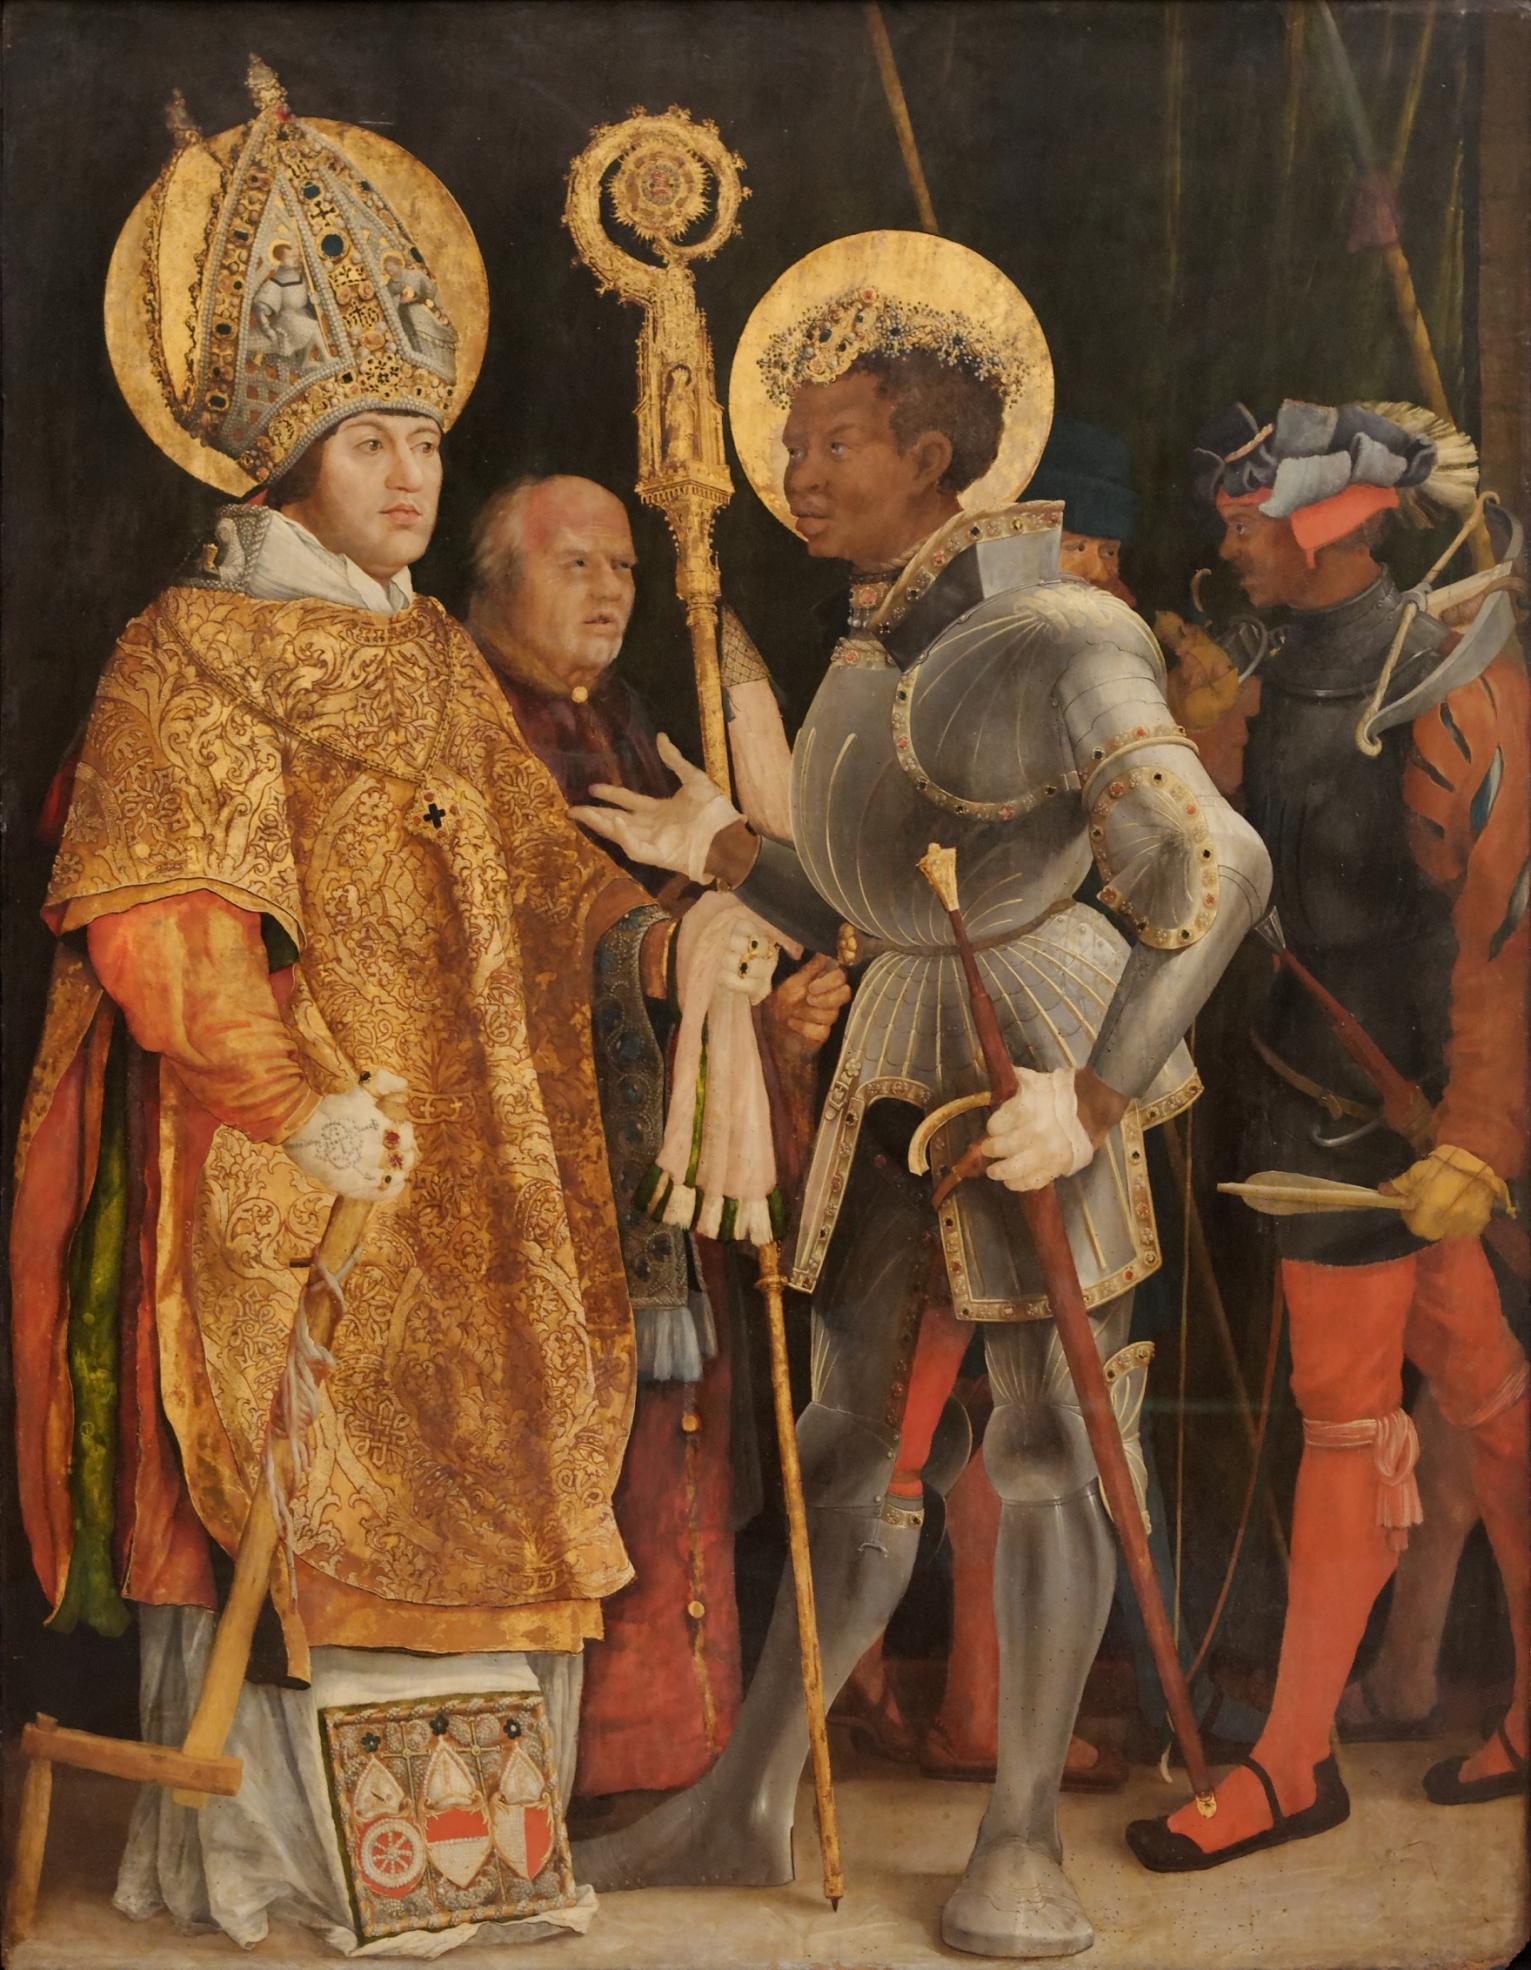 Begegnung des hl. Märtyrers Mauritius, des Anführers der thebaischen Legion, mit dem hl. Erasmus. Der hl. Mauritius war Patron des Stiftes und des Heiligen Römischen Reiches, der hl. Erasmus Patron des fürstlichen Hauses, dem Albrecht von Brandenburg entstammte. Erasmus trägt die Porträtzüge des Auftraggebers between circa 1520 and circa 1524, Alten Pinakothek